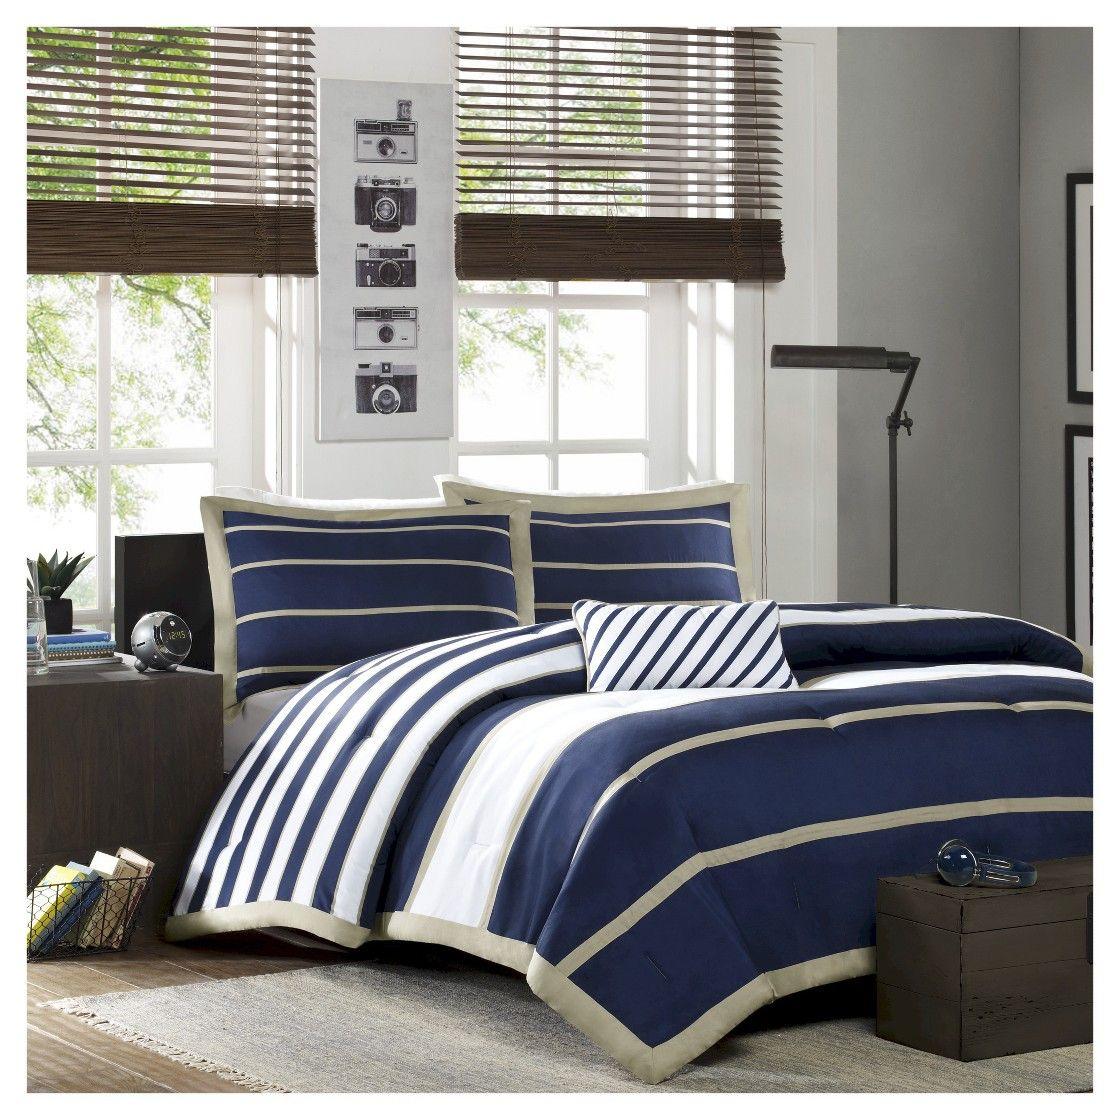 Cody Comforter Set Queen size comforter sets, Queen size